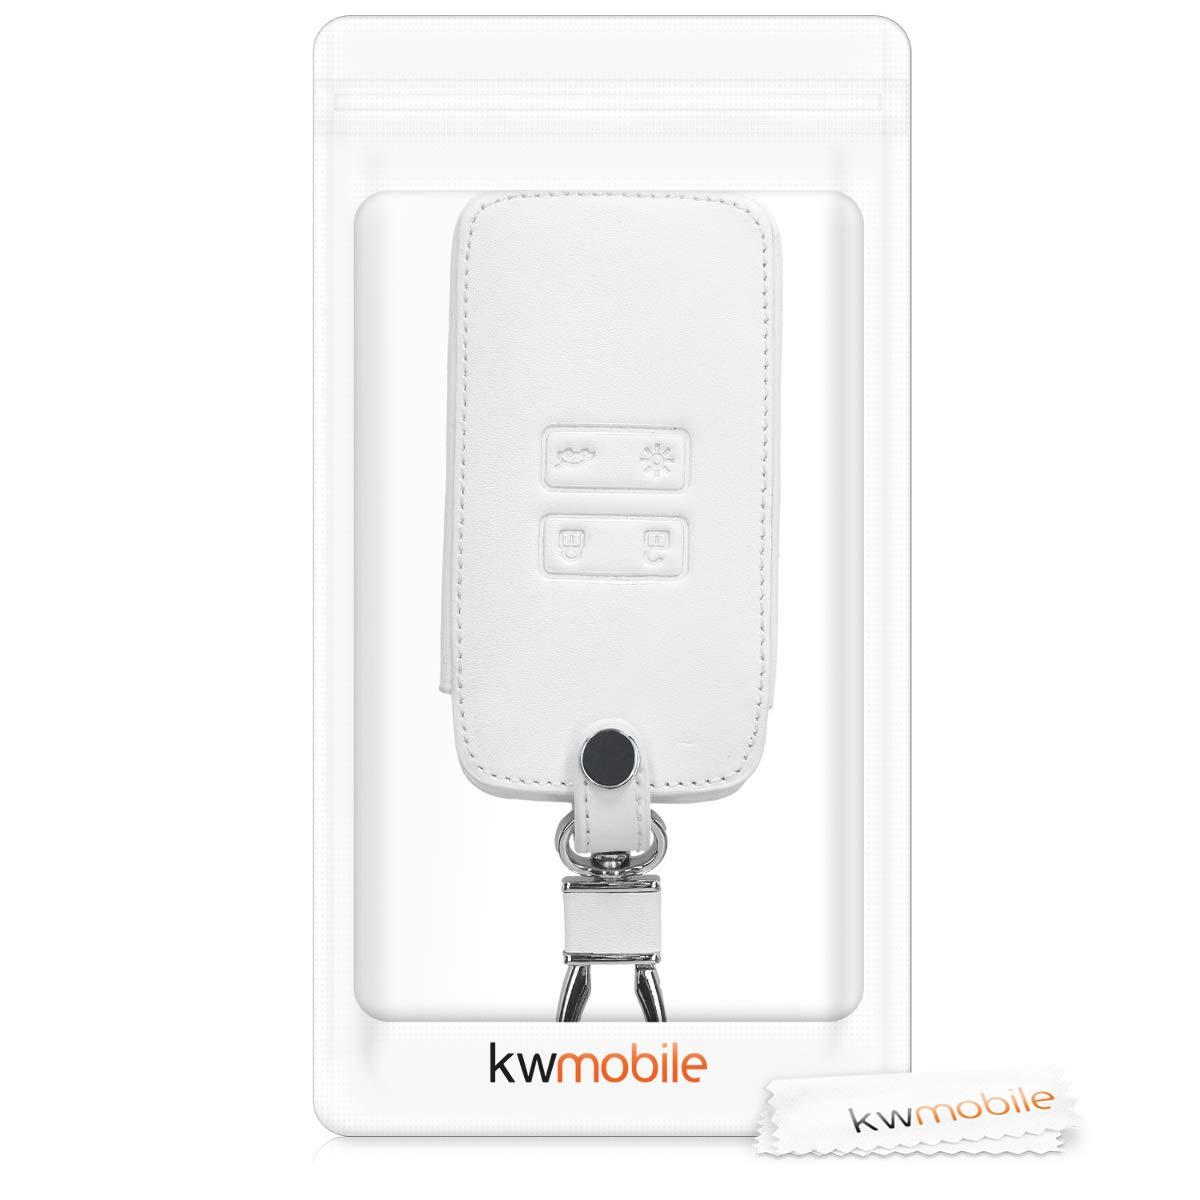 kwmobile Funda para Llave Smart Key de 4 Botones para Coche Renault Cuero sint/ético - Cubierta de - Case para Mando y Control de Auto con dise/ño de Rally Solamente Keyless Go